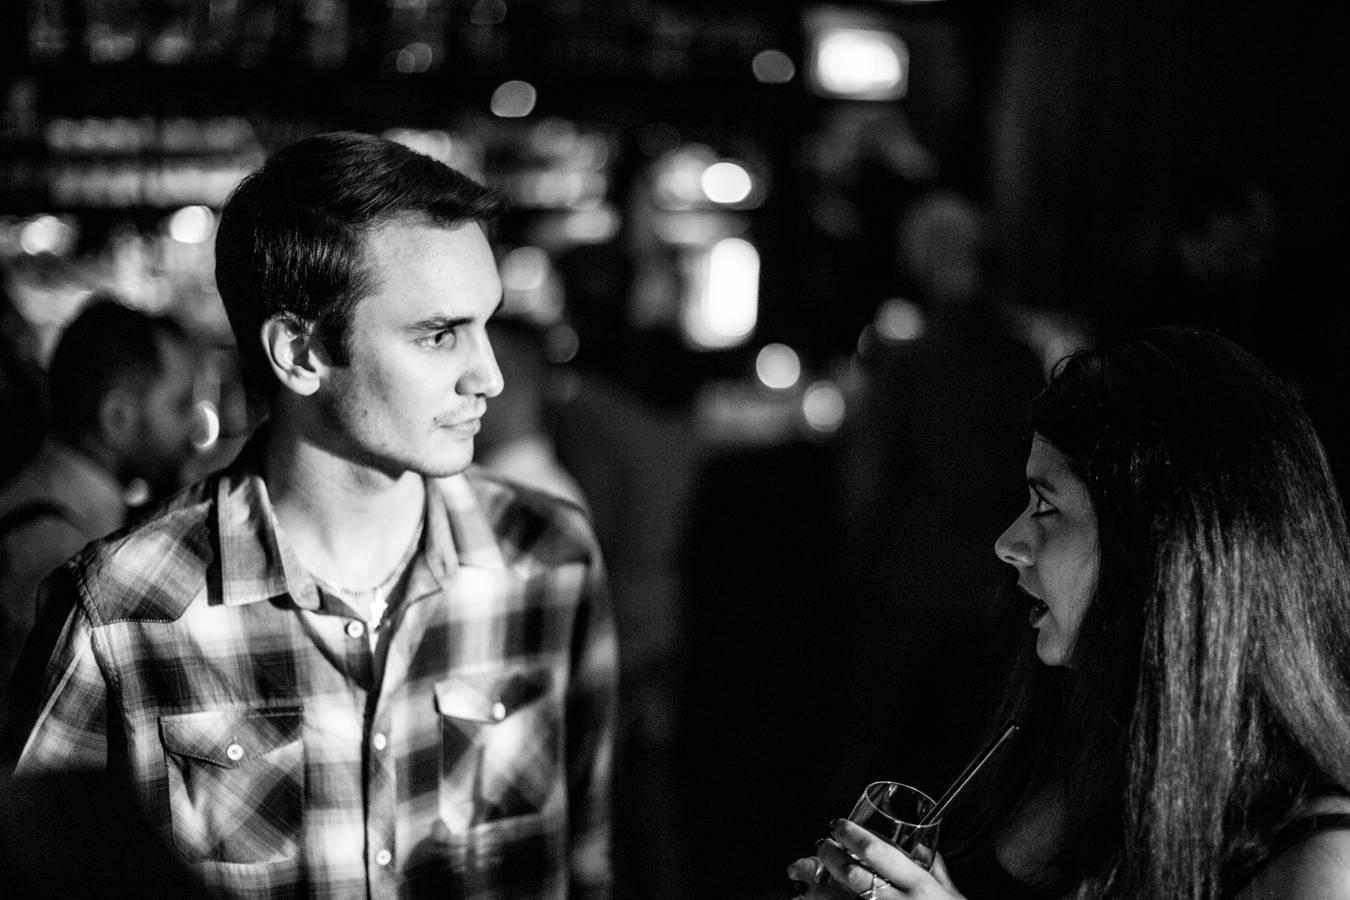 Das war die FridayNite Party im März 2017 (© Amanda Nikolic)